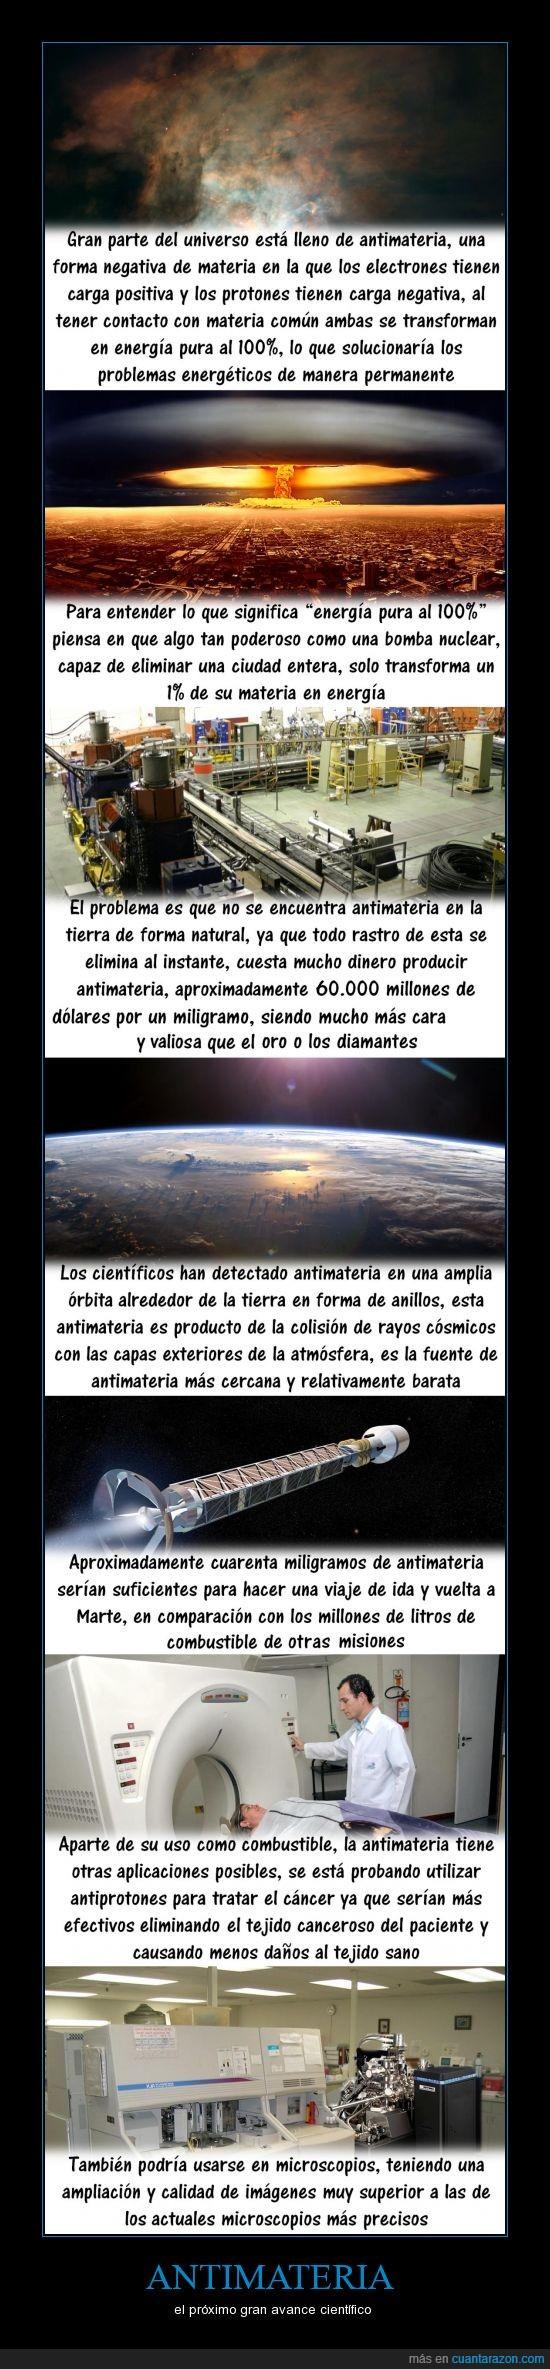 antimateria,ciencia,espacio,medicina,tecnología